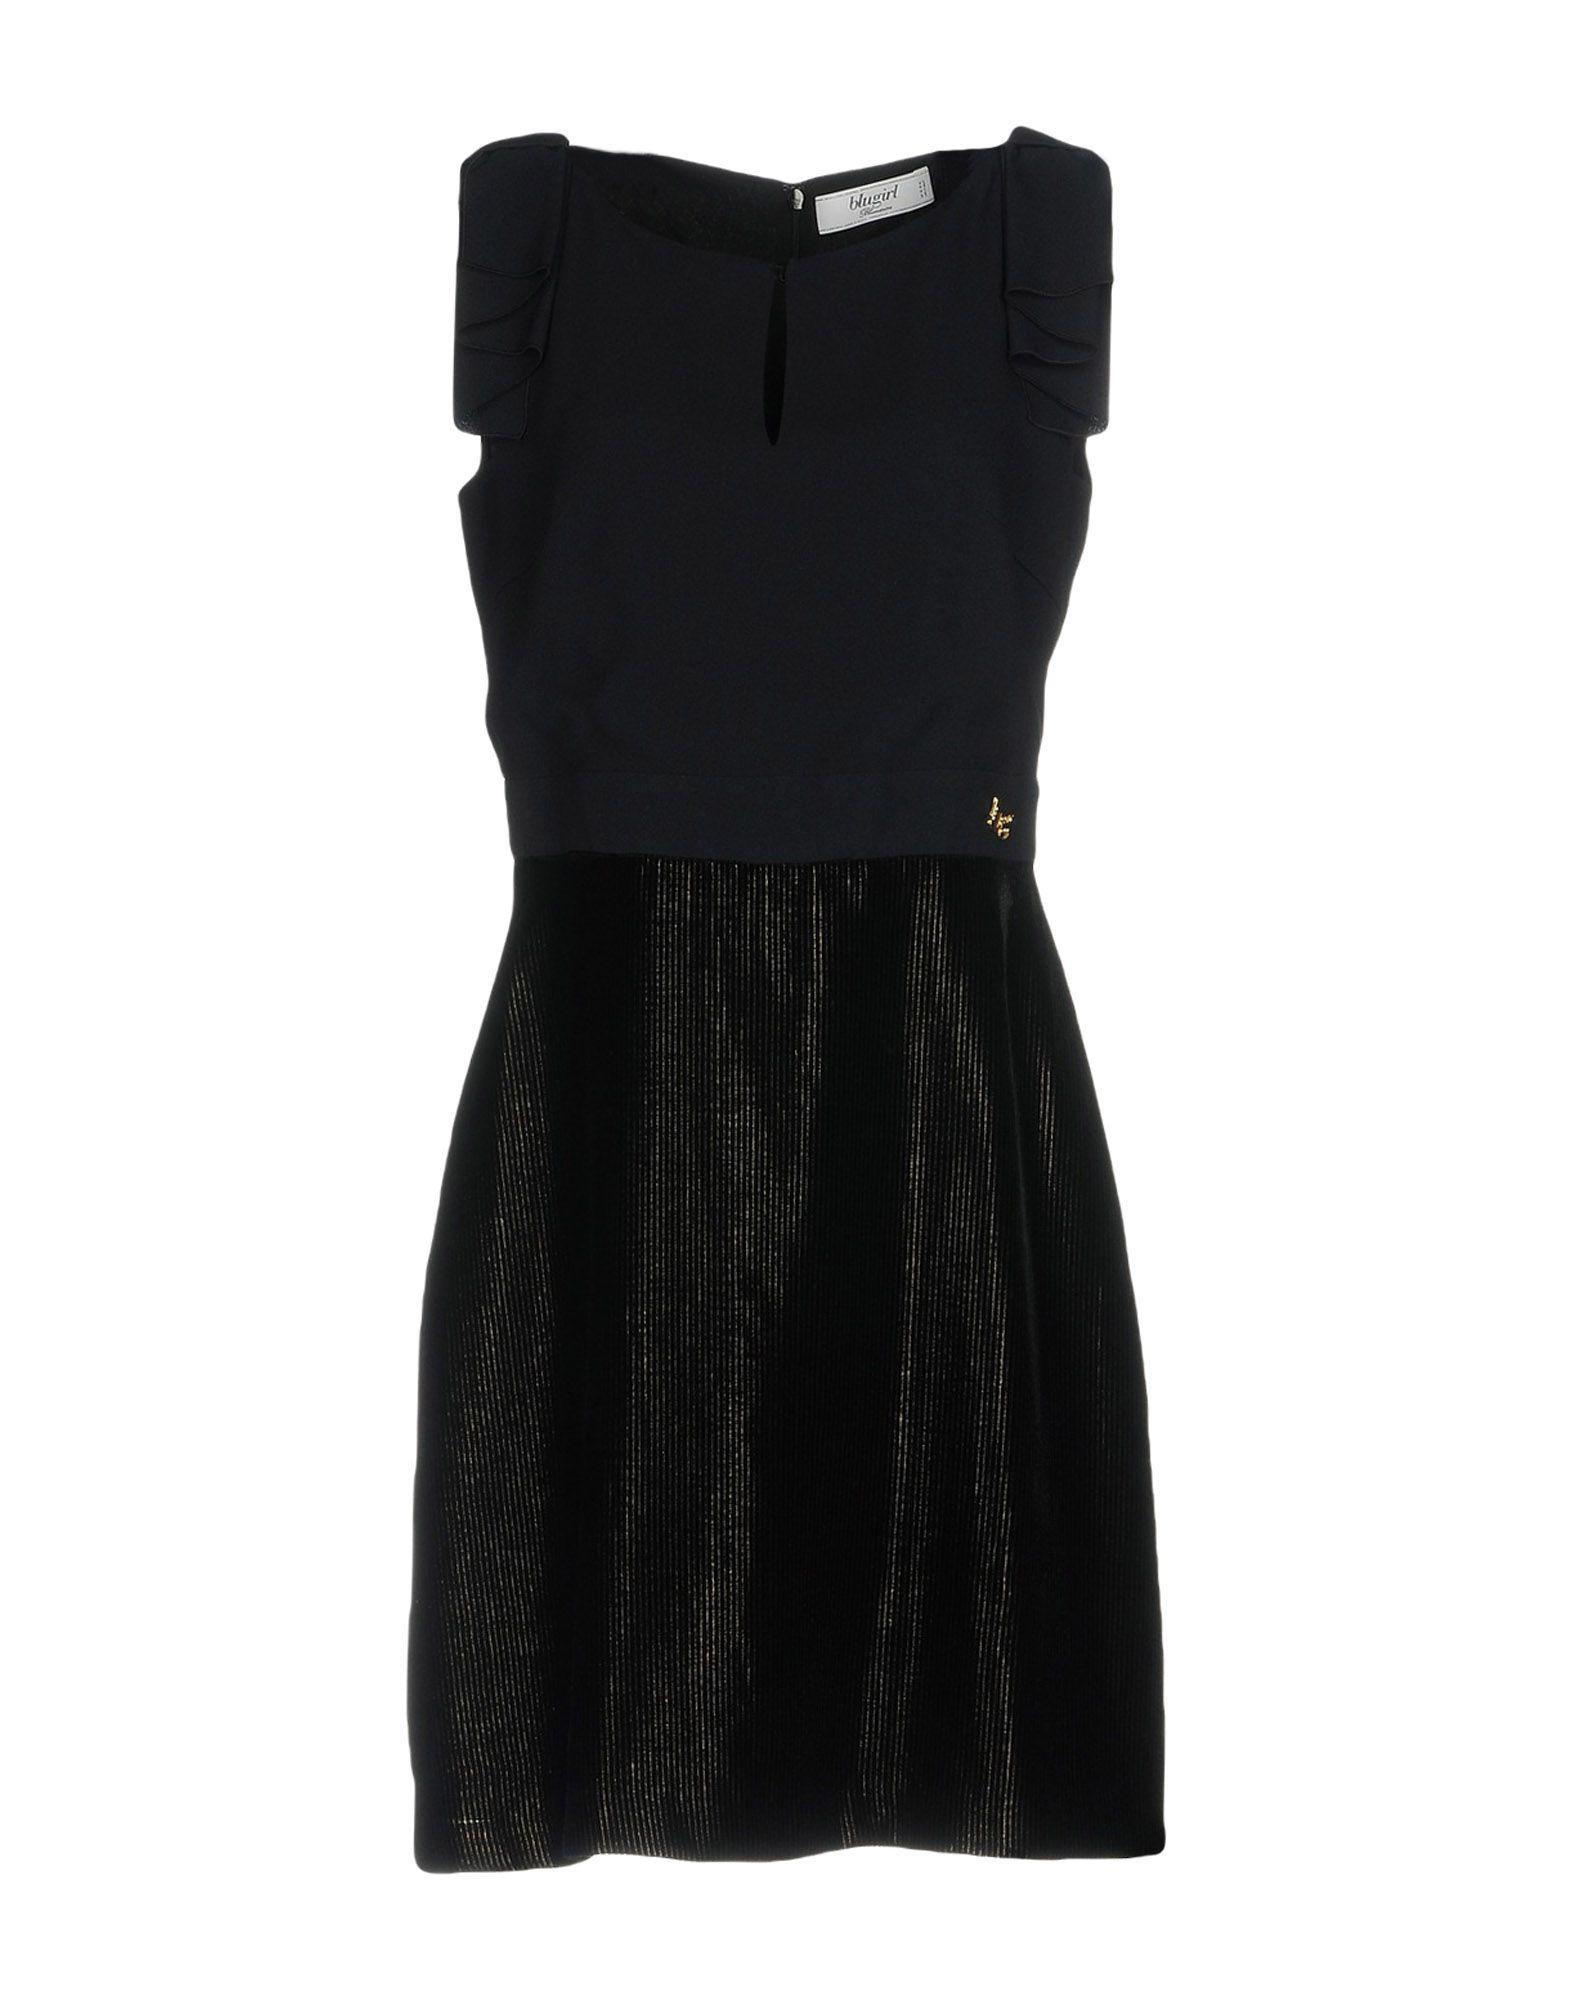 12c62a6522 Yoox - Γυναικεία Κοντά Φορέματα - Σελίδα 1163